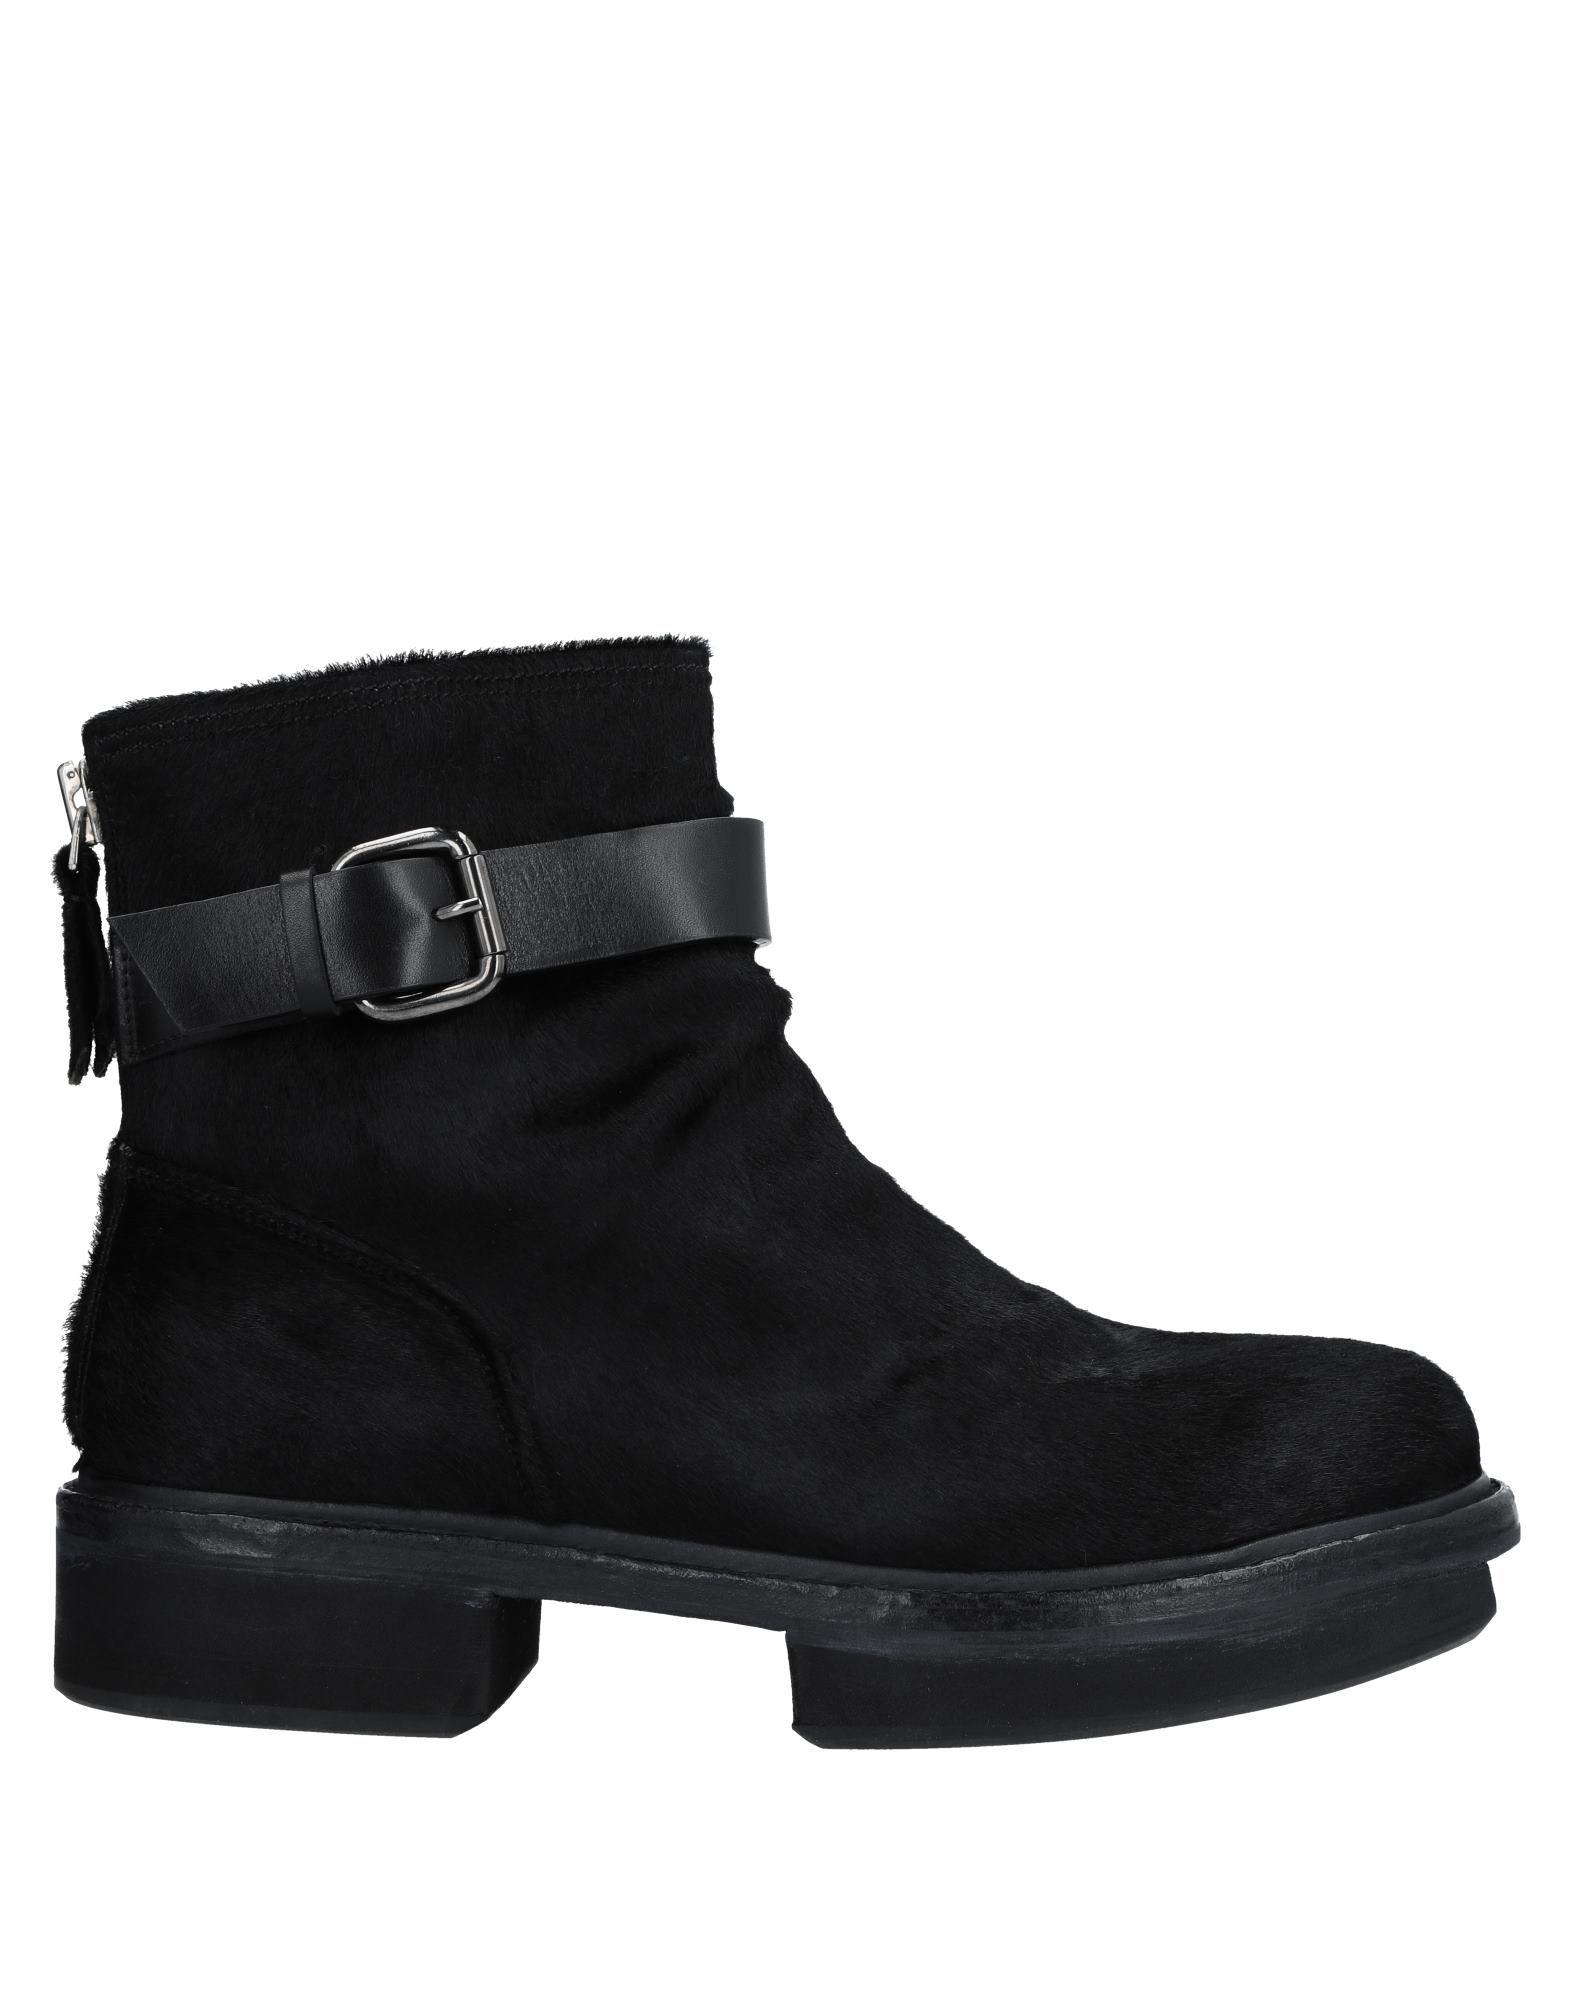 Premiata Stiefelette Herren  11531058MM Gute Qualität beliebte Schuhe